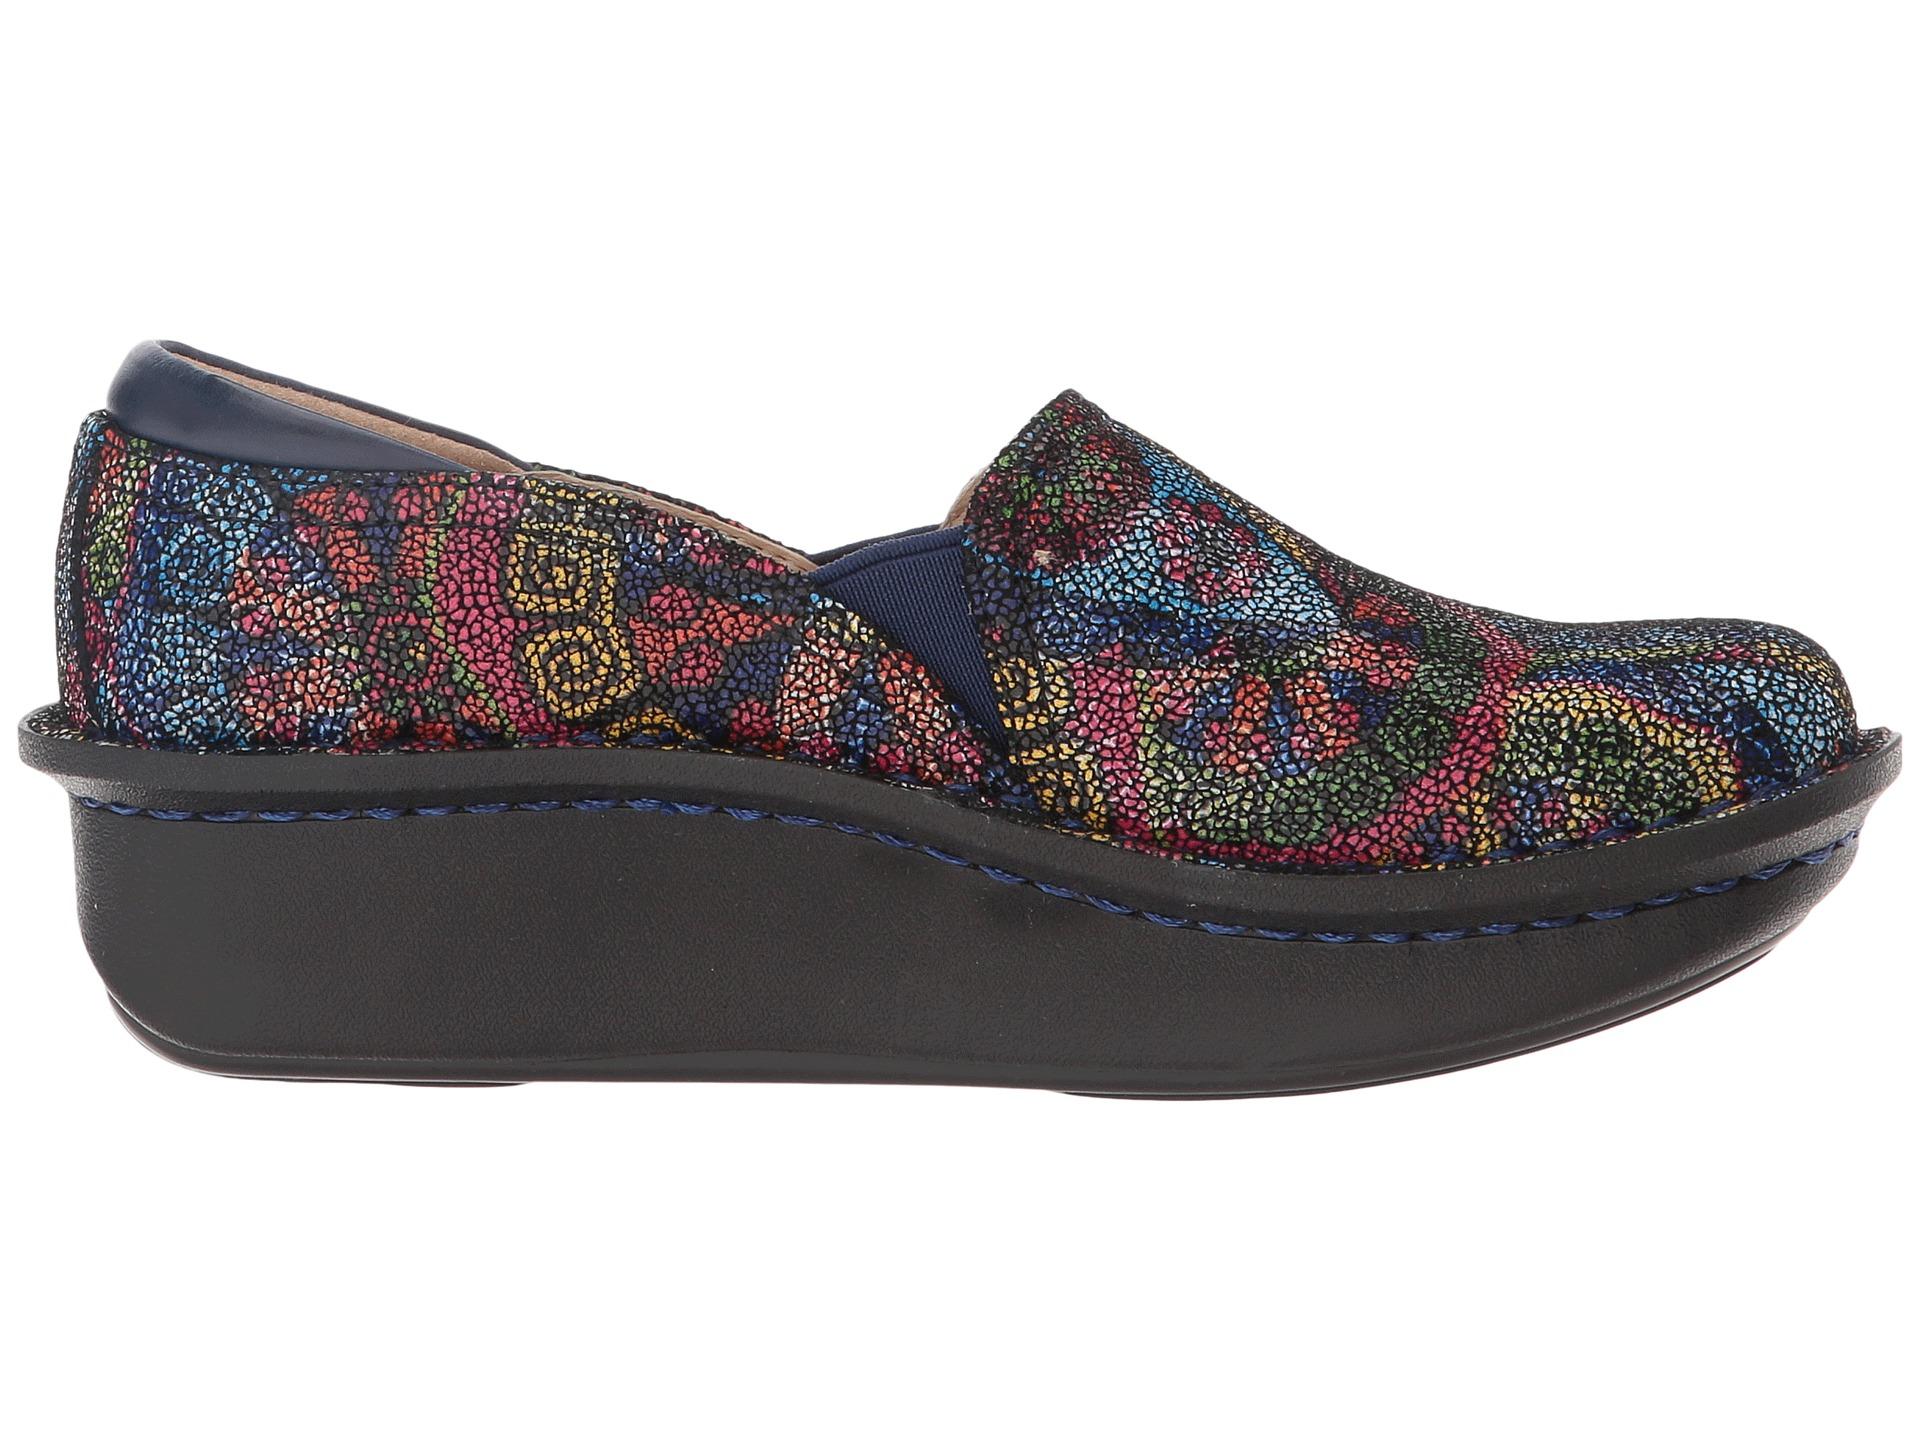 Alegria Debra Shoes Reviews